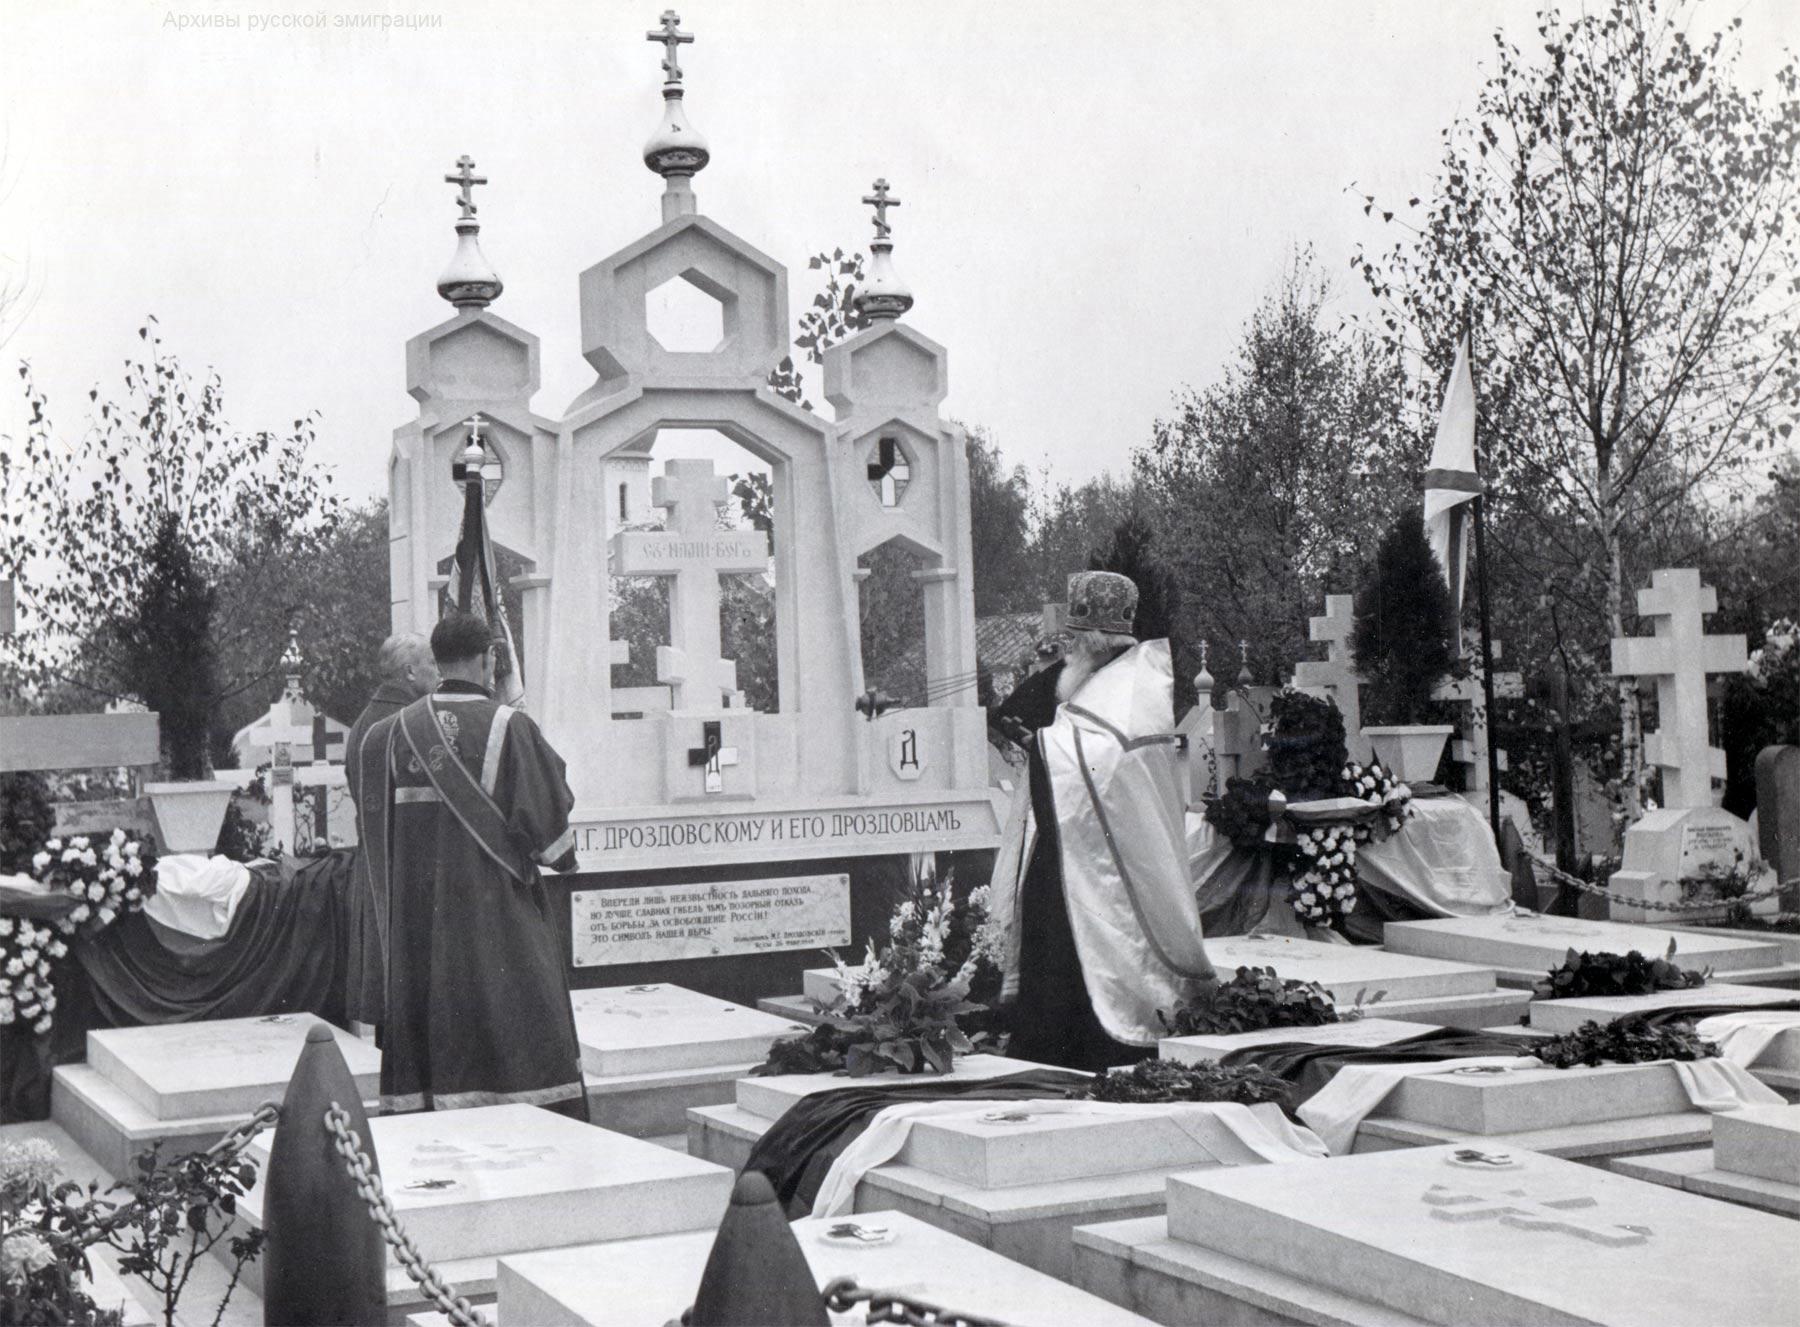 Сент-Женевьев-де-Буа, дроздовский участок